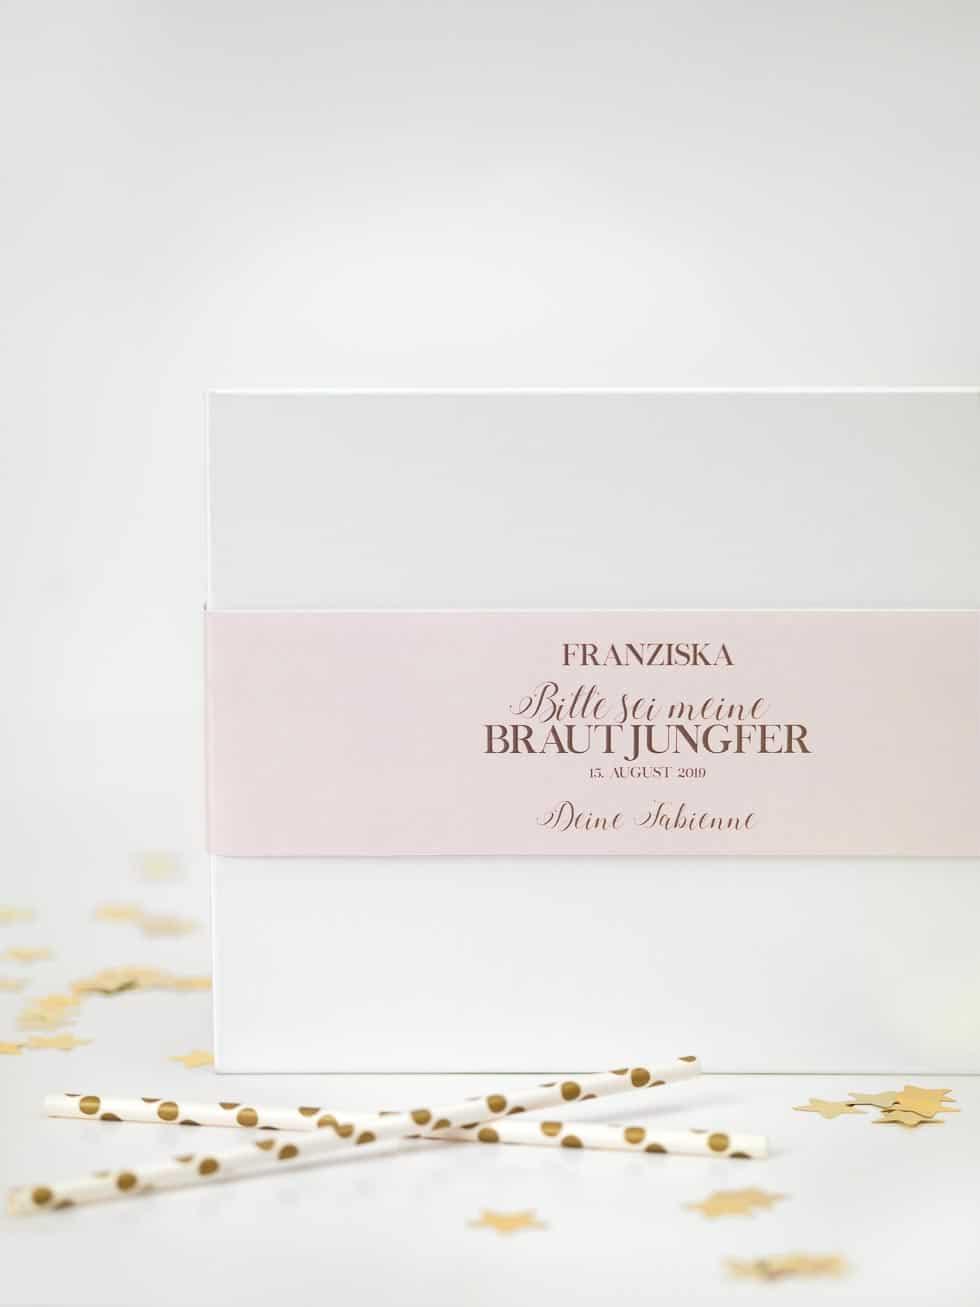 Geschenk Verpackung Brautjungfer